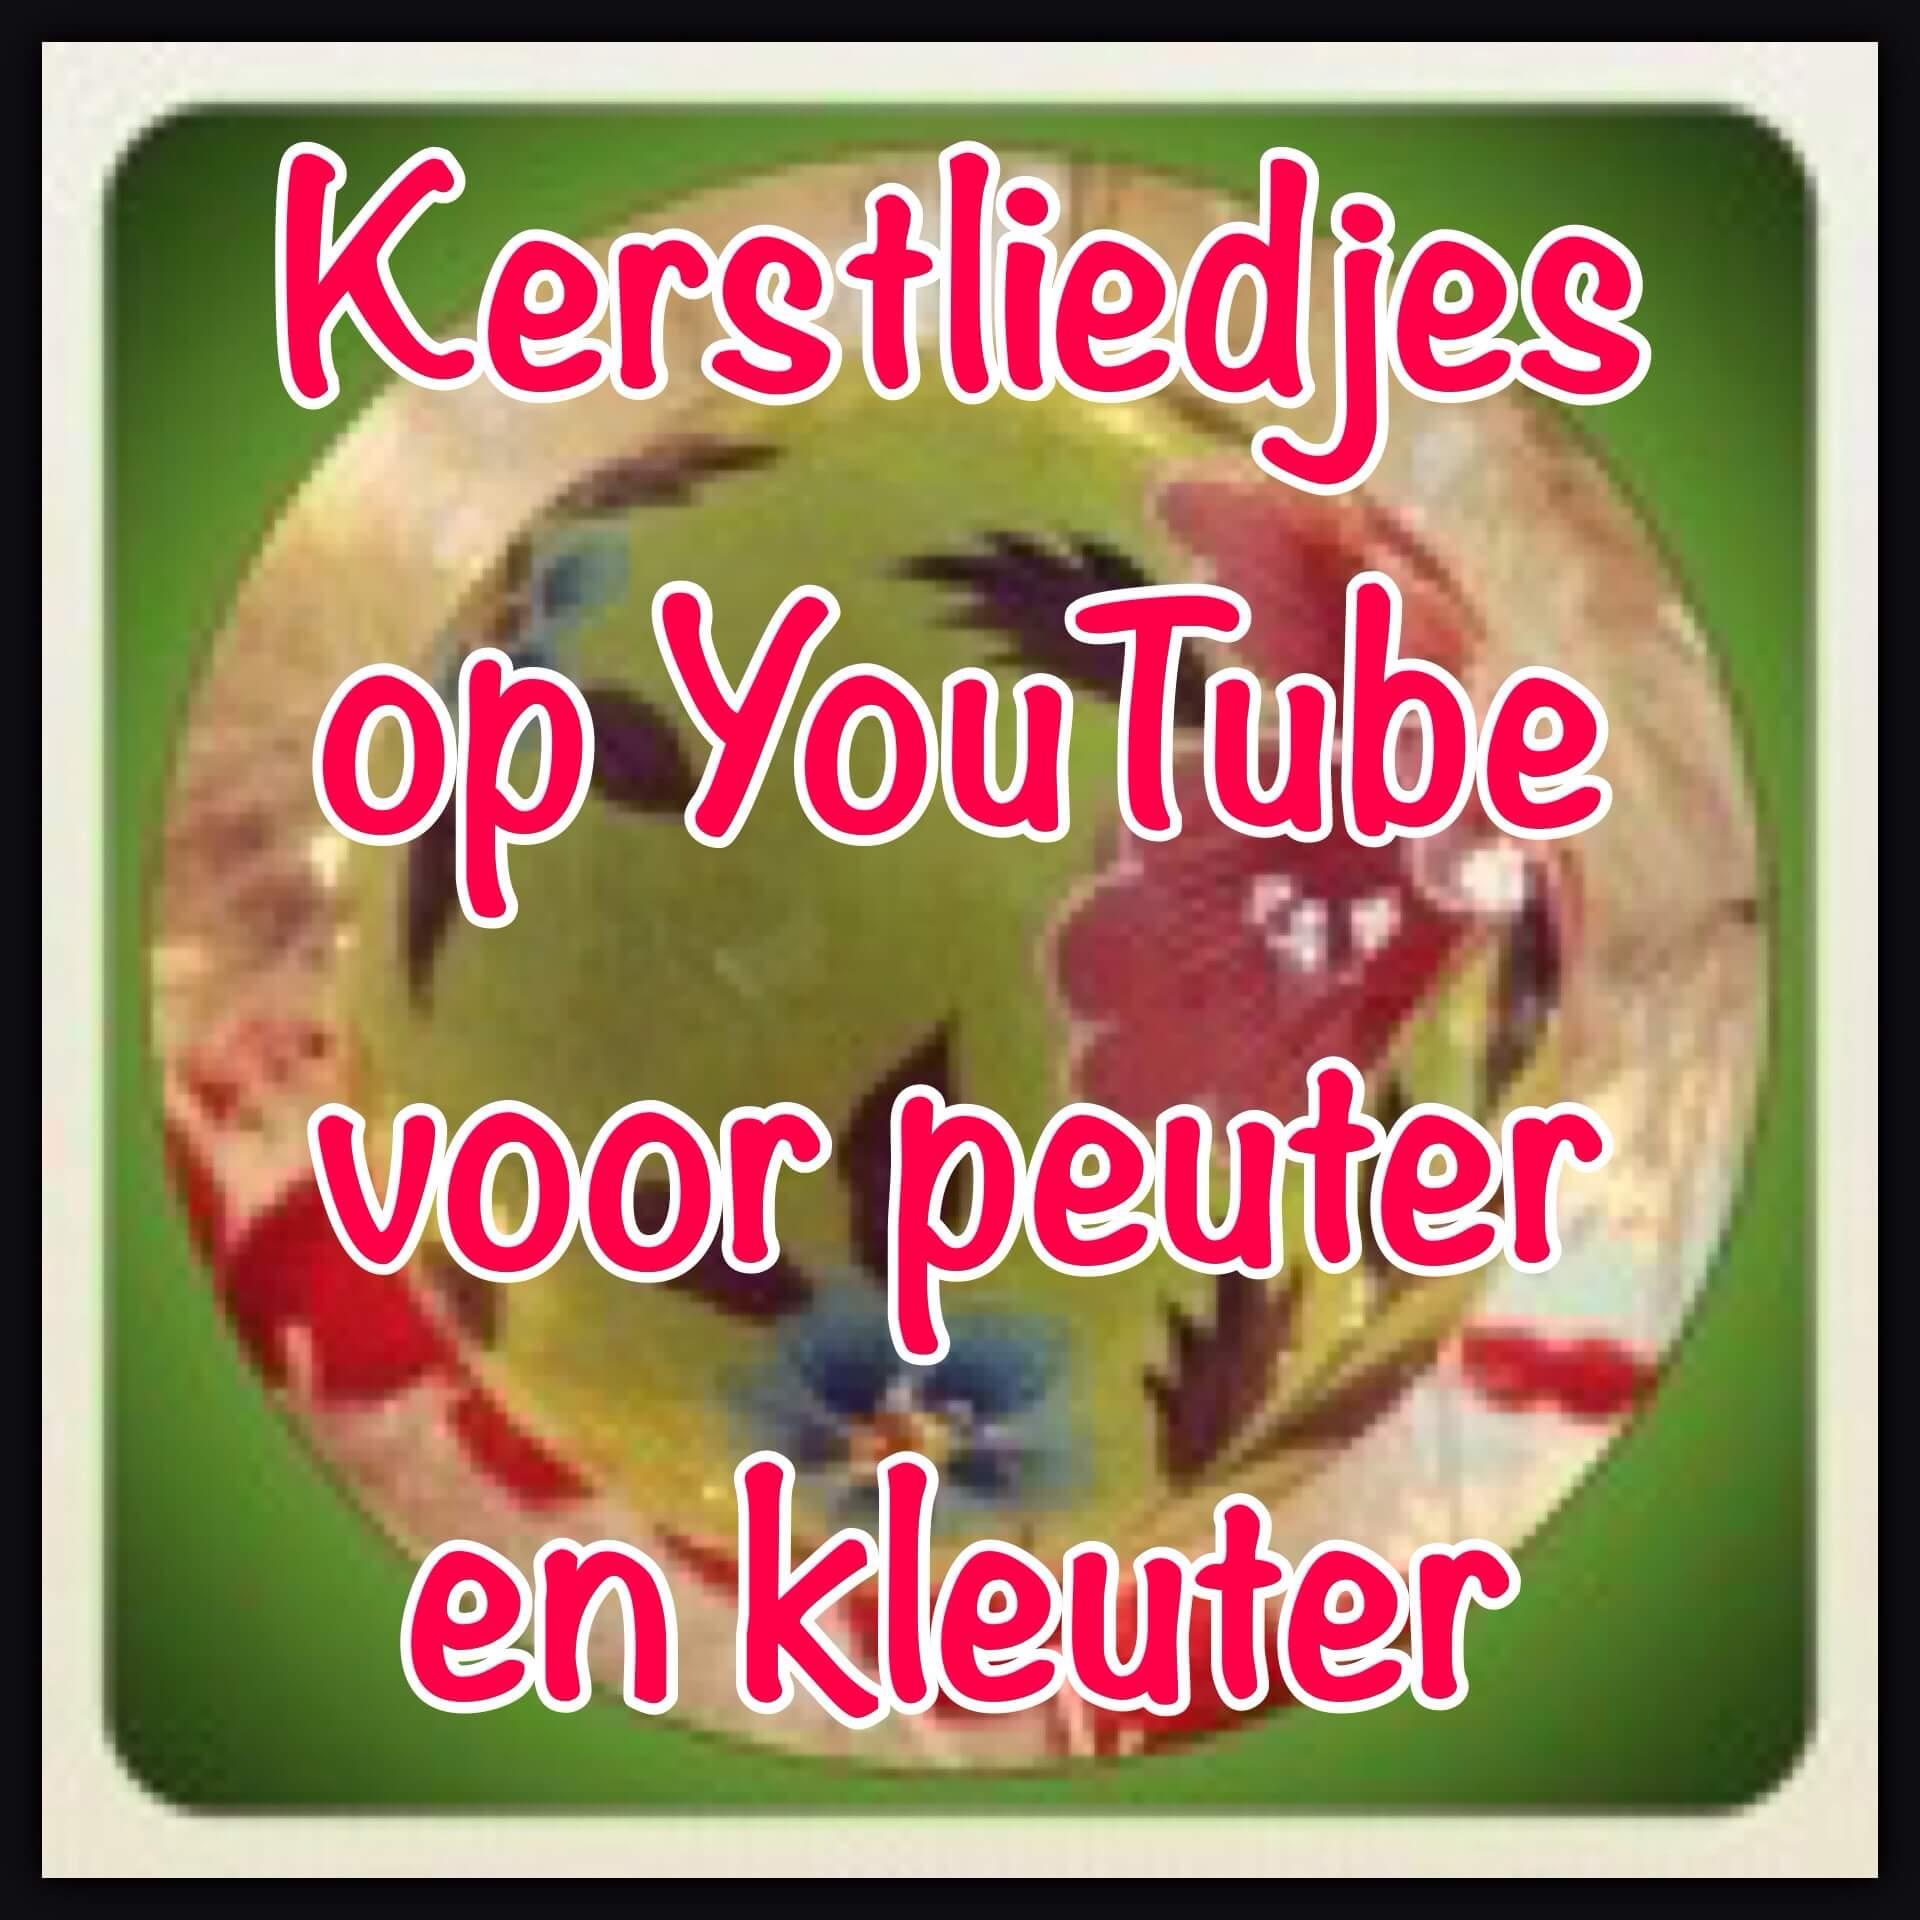 Kerstliedjes op YouTube voor peuter en kleuter